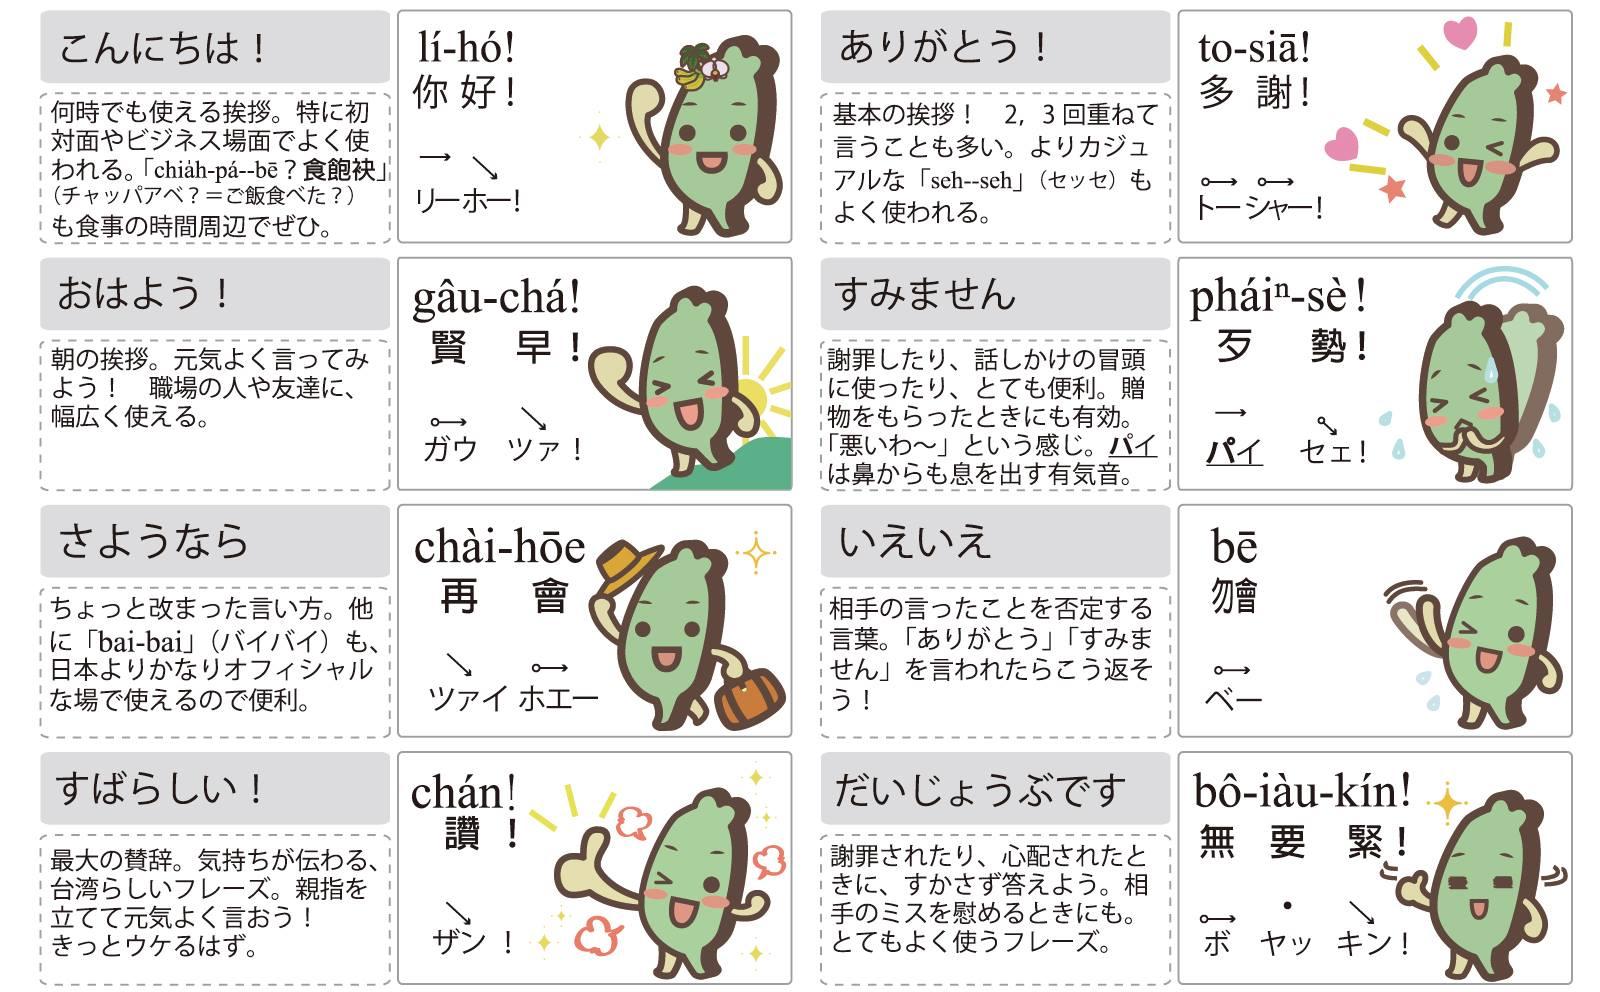 今こそ、「台湾語(ホーロー語)」を「台湾語Tâi-oân-ōe,Tâi-gí/たいわんご」と呼んでいこう!